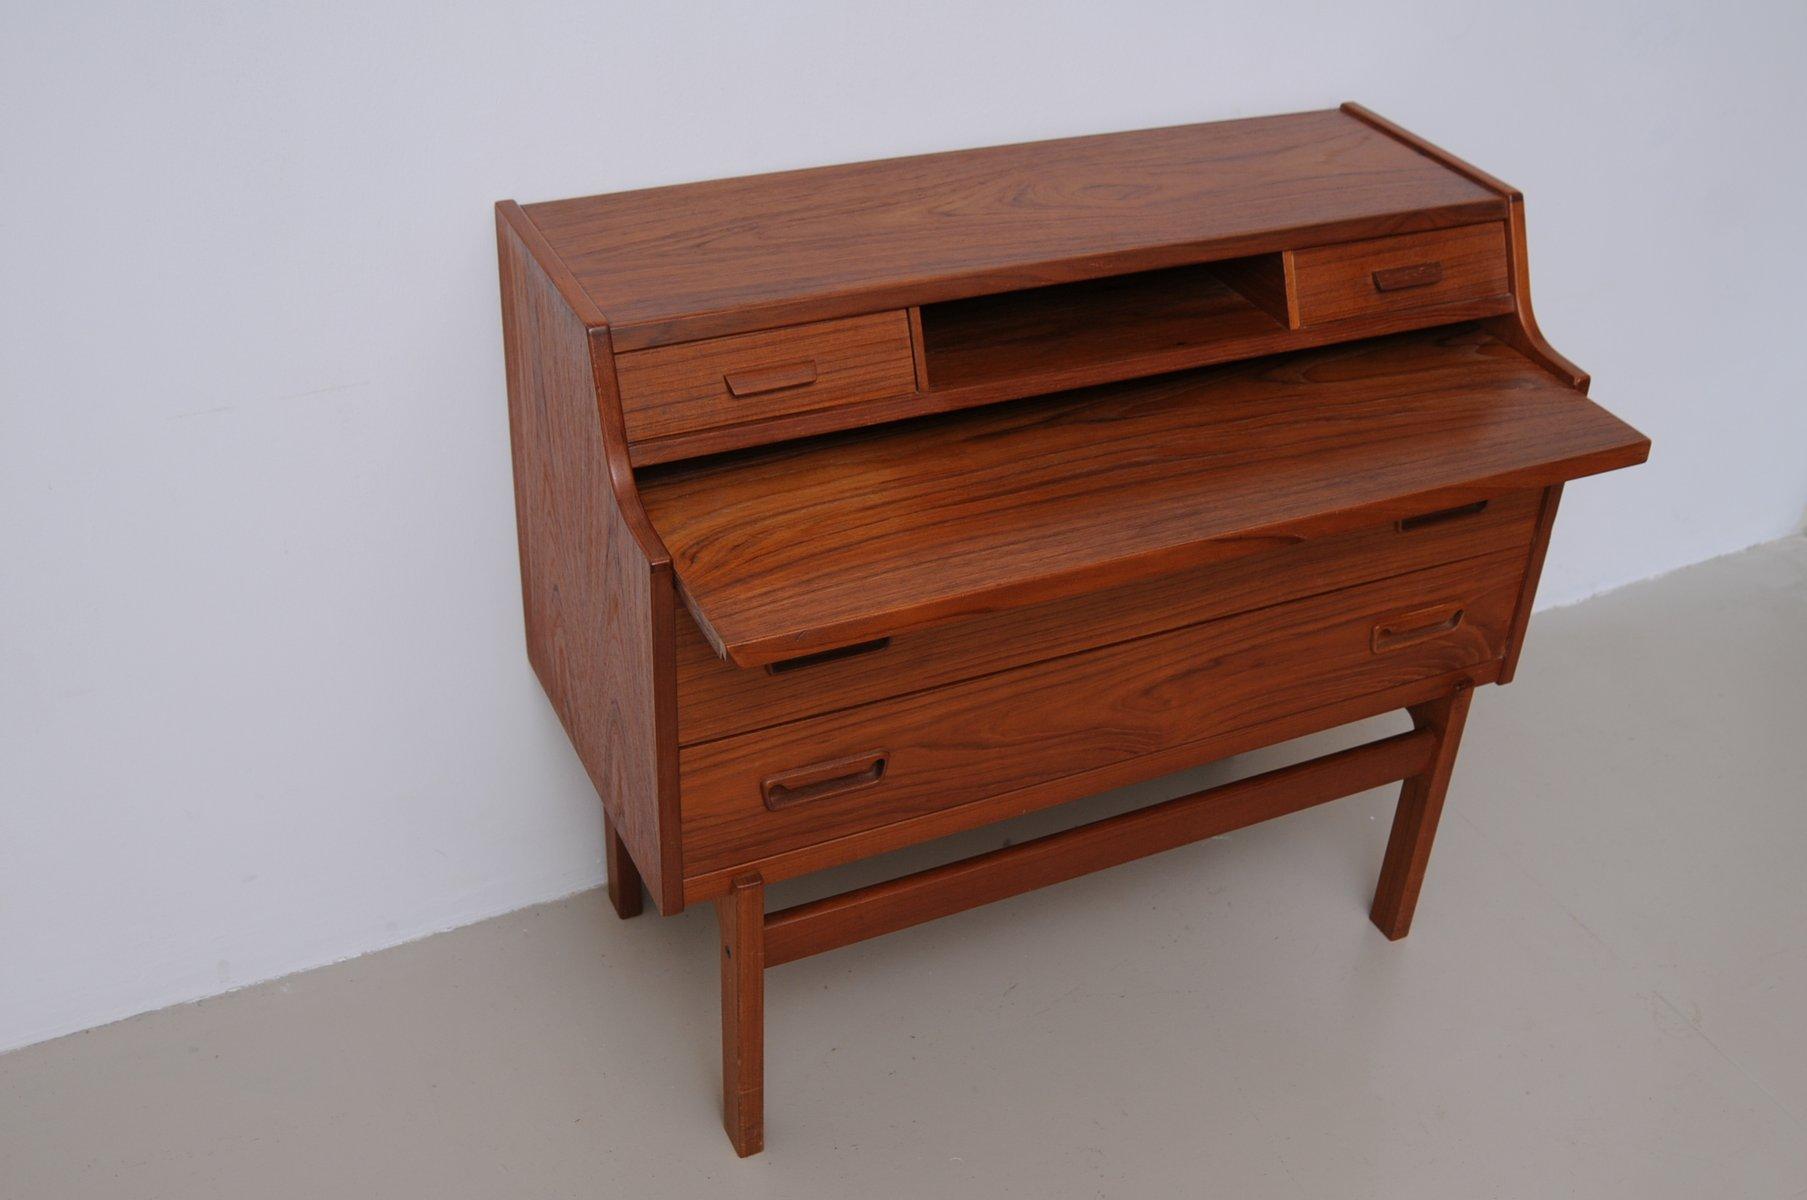 mid century teak sekret r von arne wahl iversen f r vinde m belfabrik bei pamono kaufen. Black Bedroom Furniture Sets. Home Design Ideas